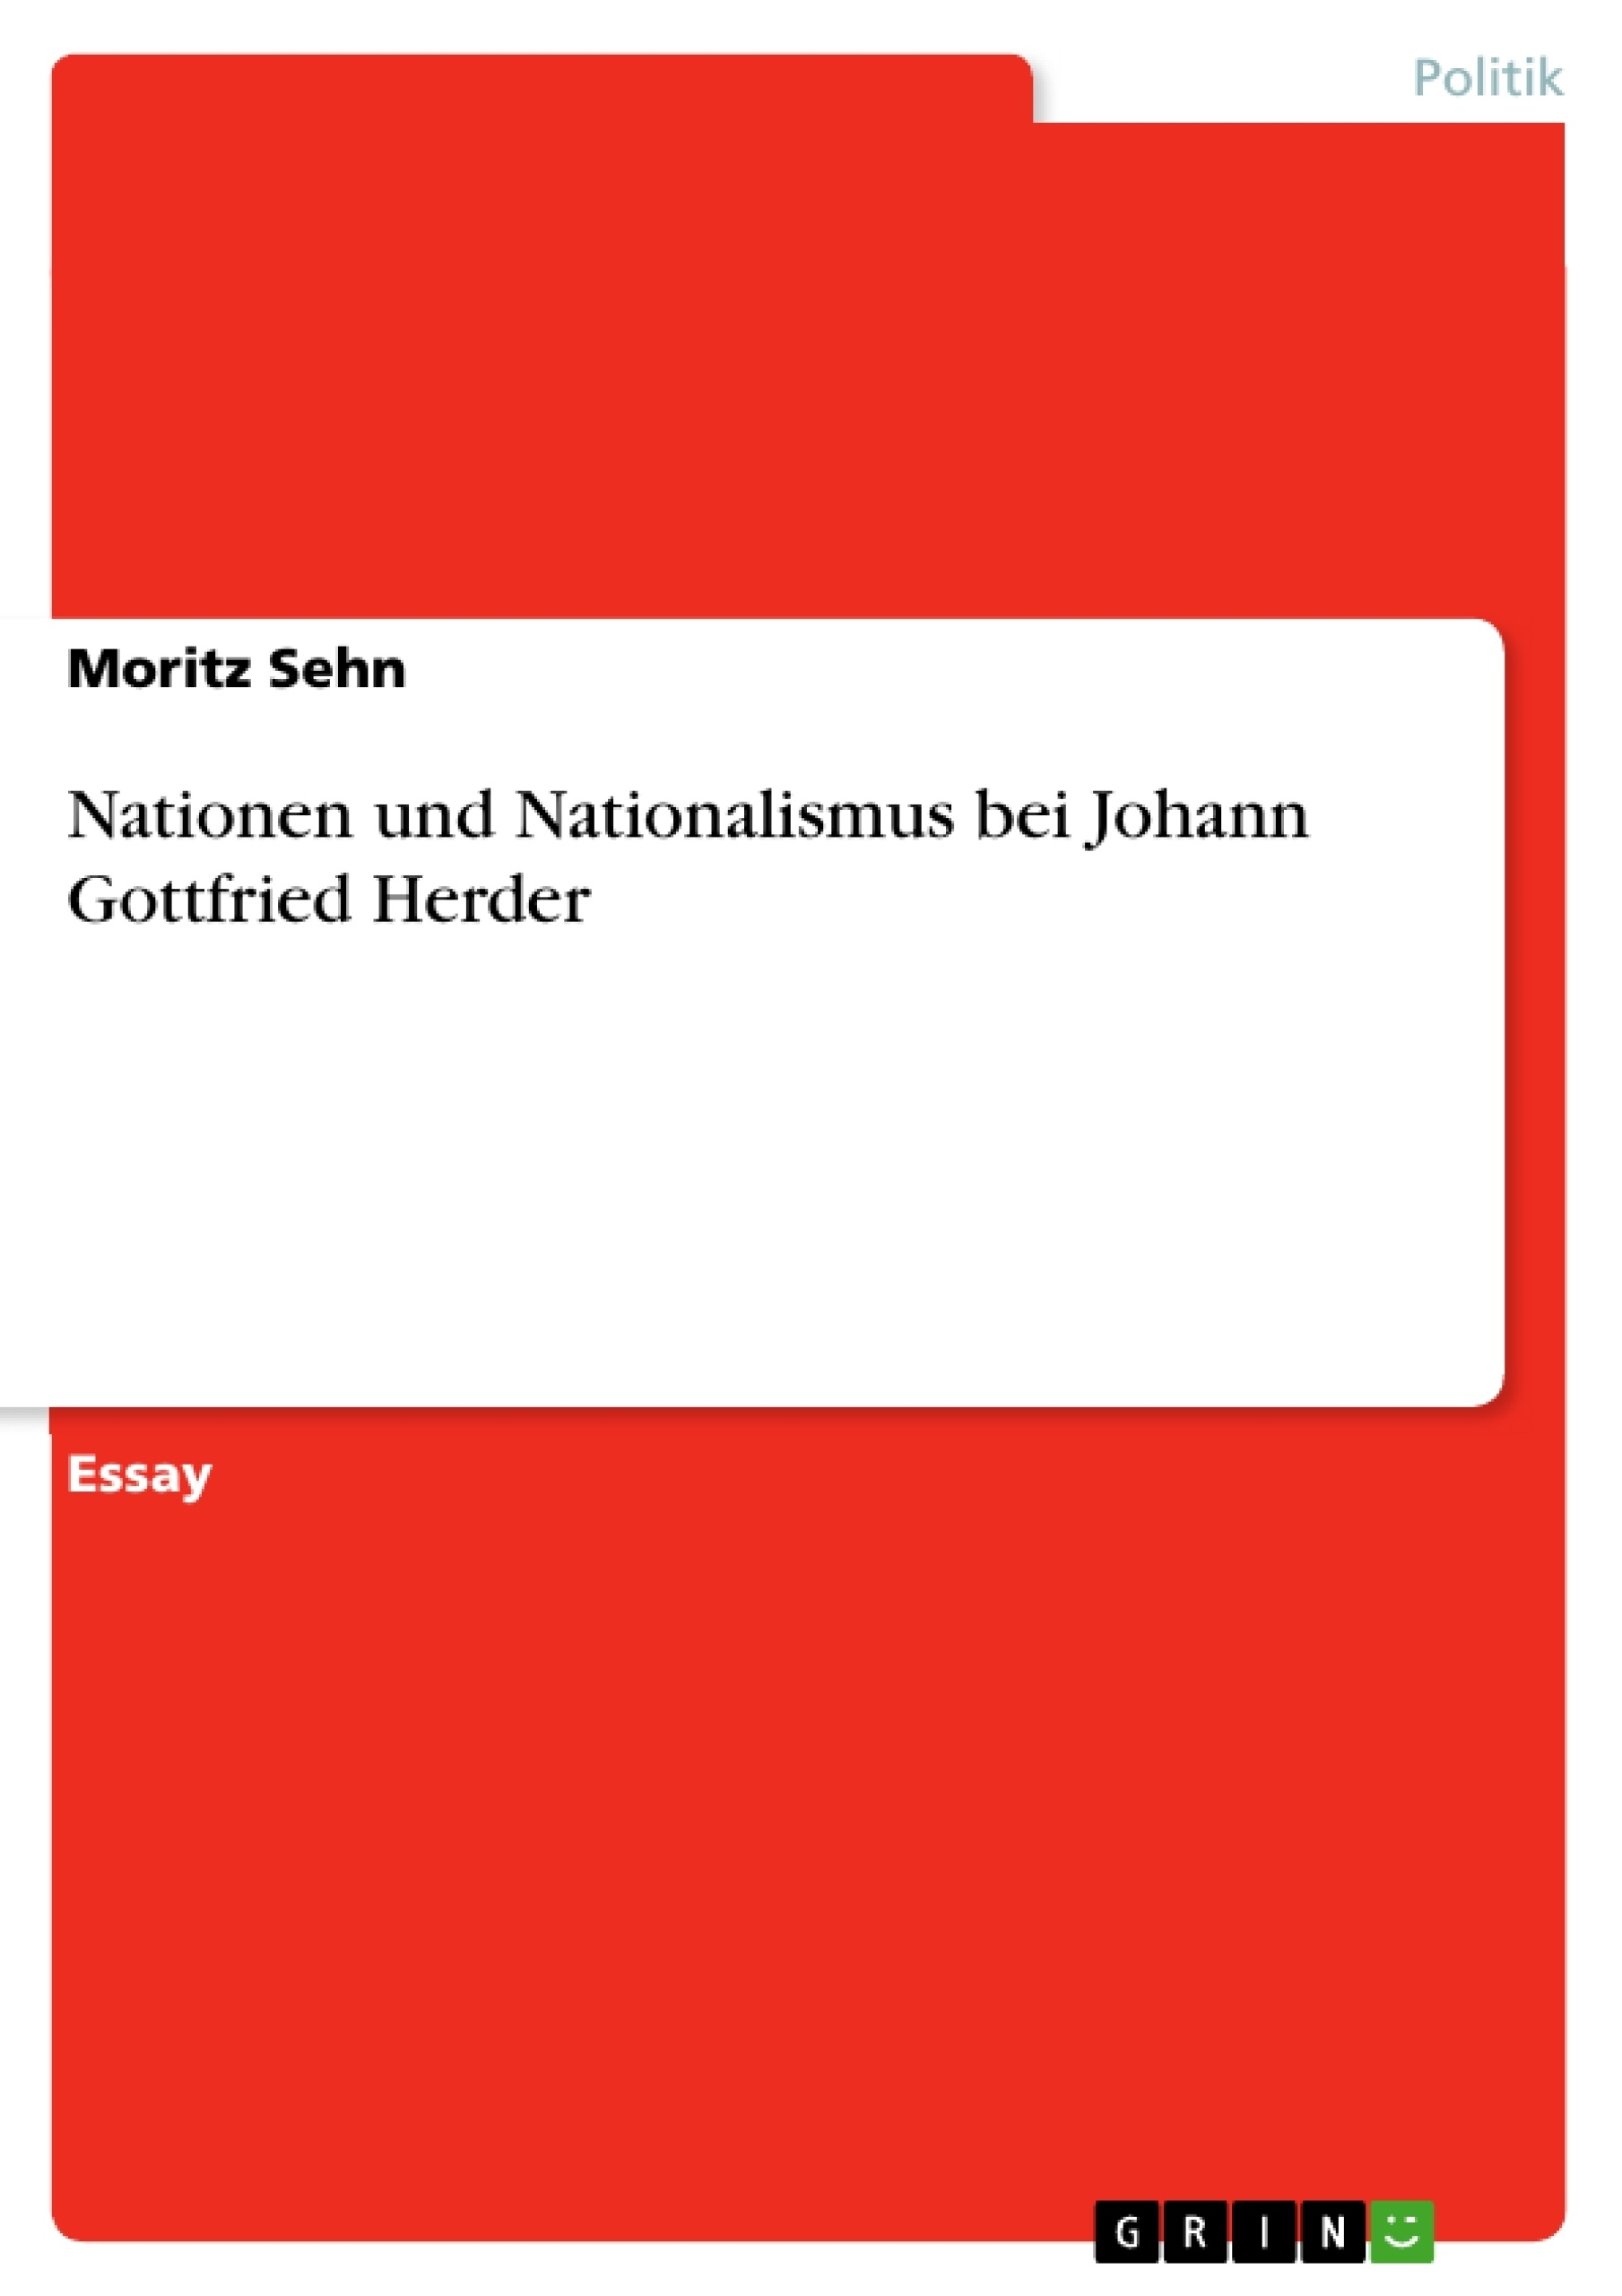 Titel: Nationen und Nationalismus bei Johann Gottfried Herder